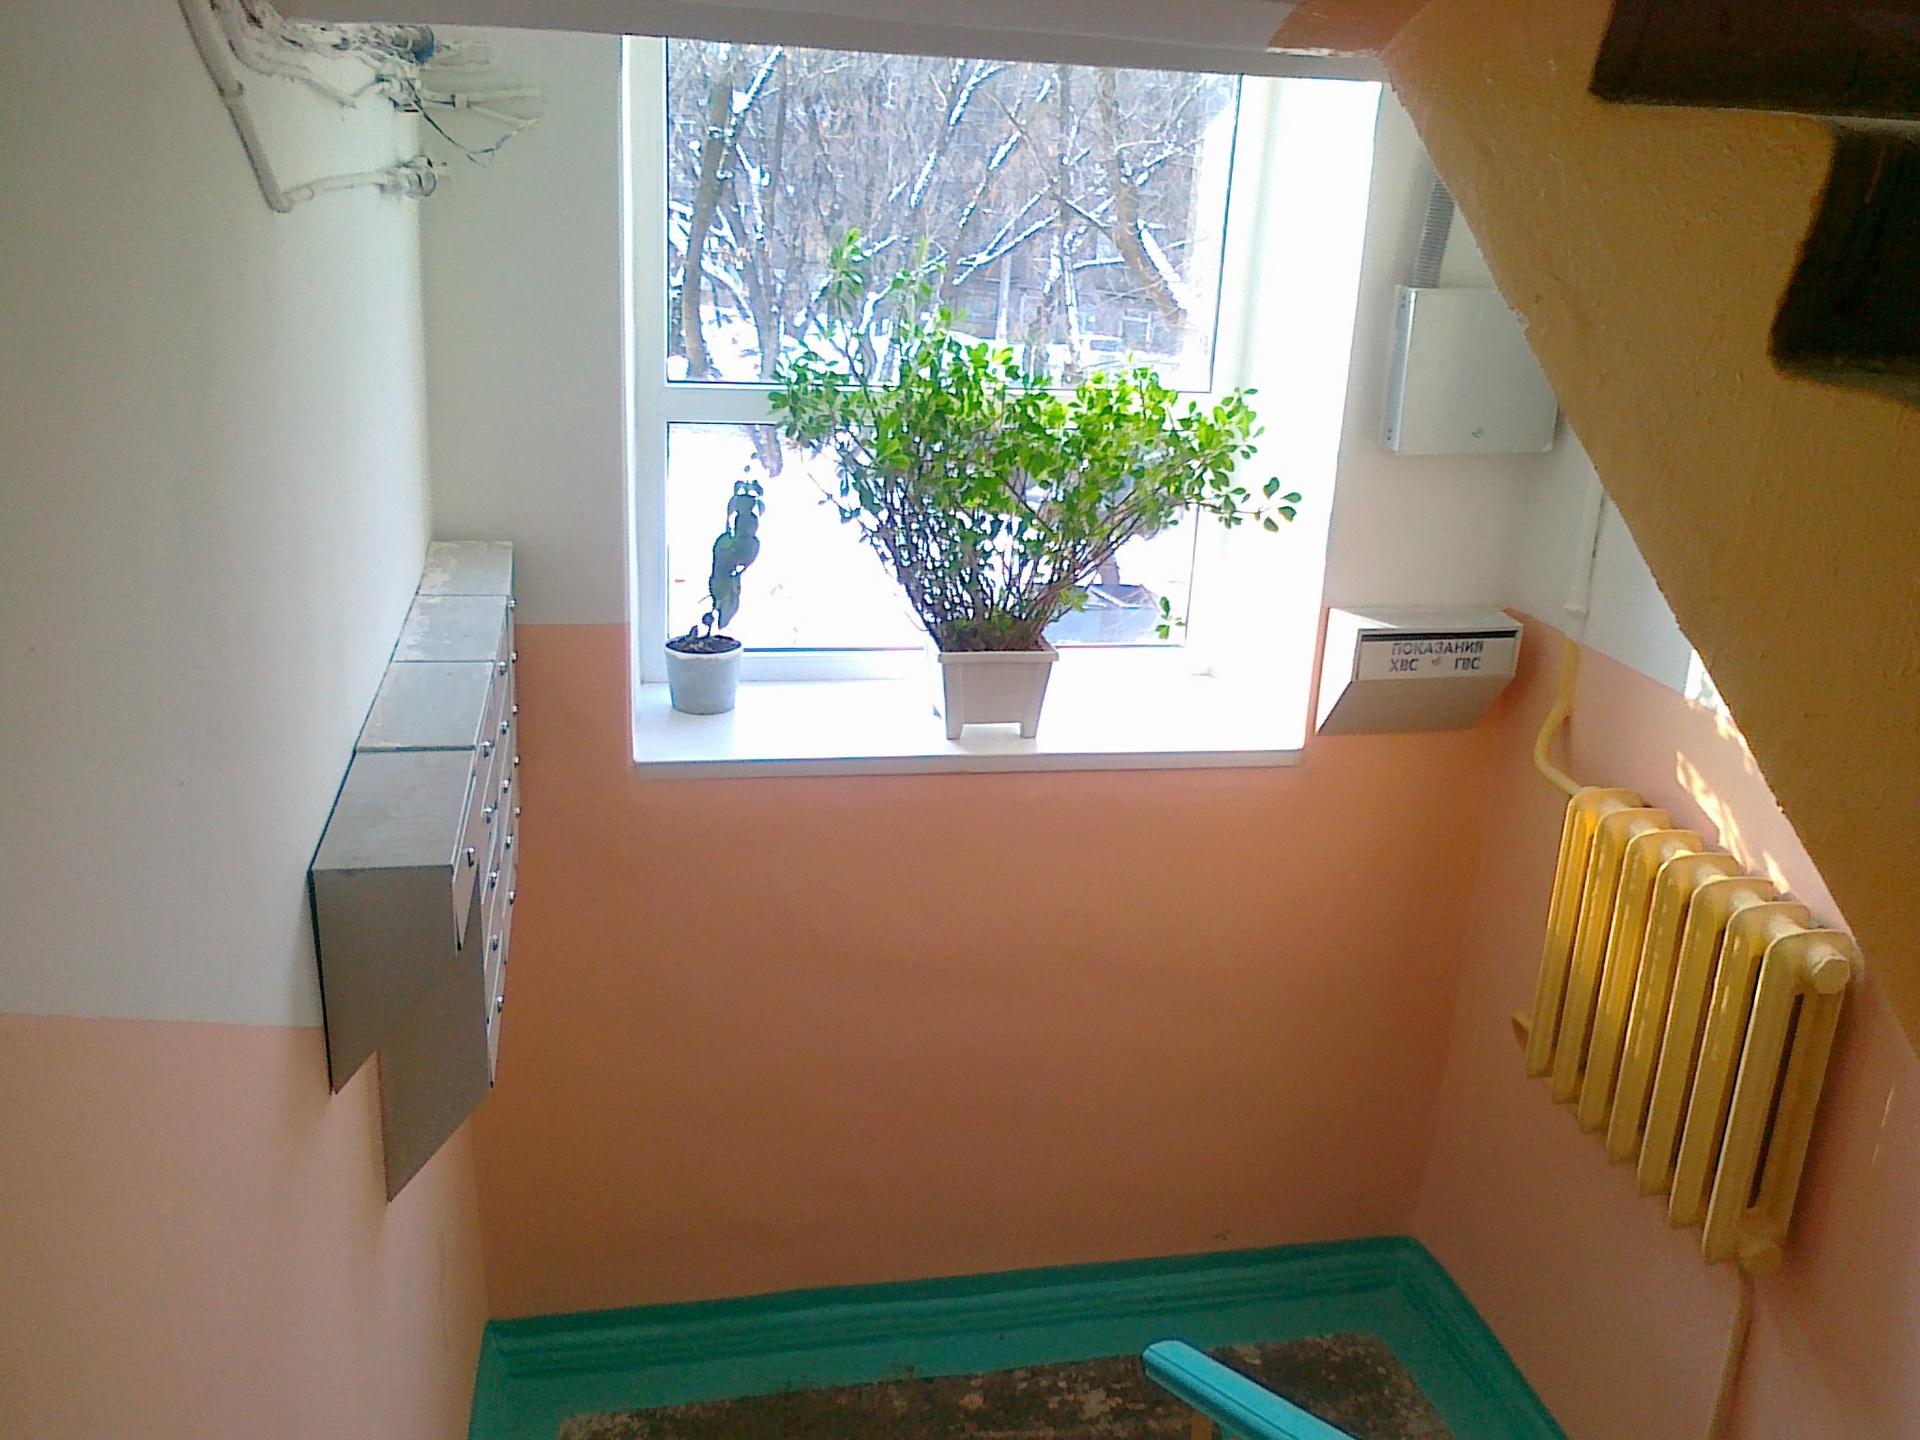 Продается 2-ком. кв. по ул. пушкинская, дом 237 (фото) - мар.